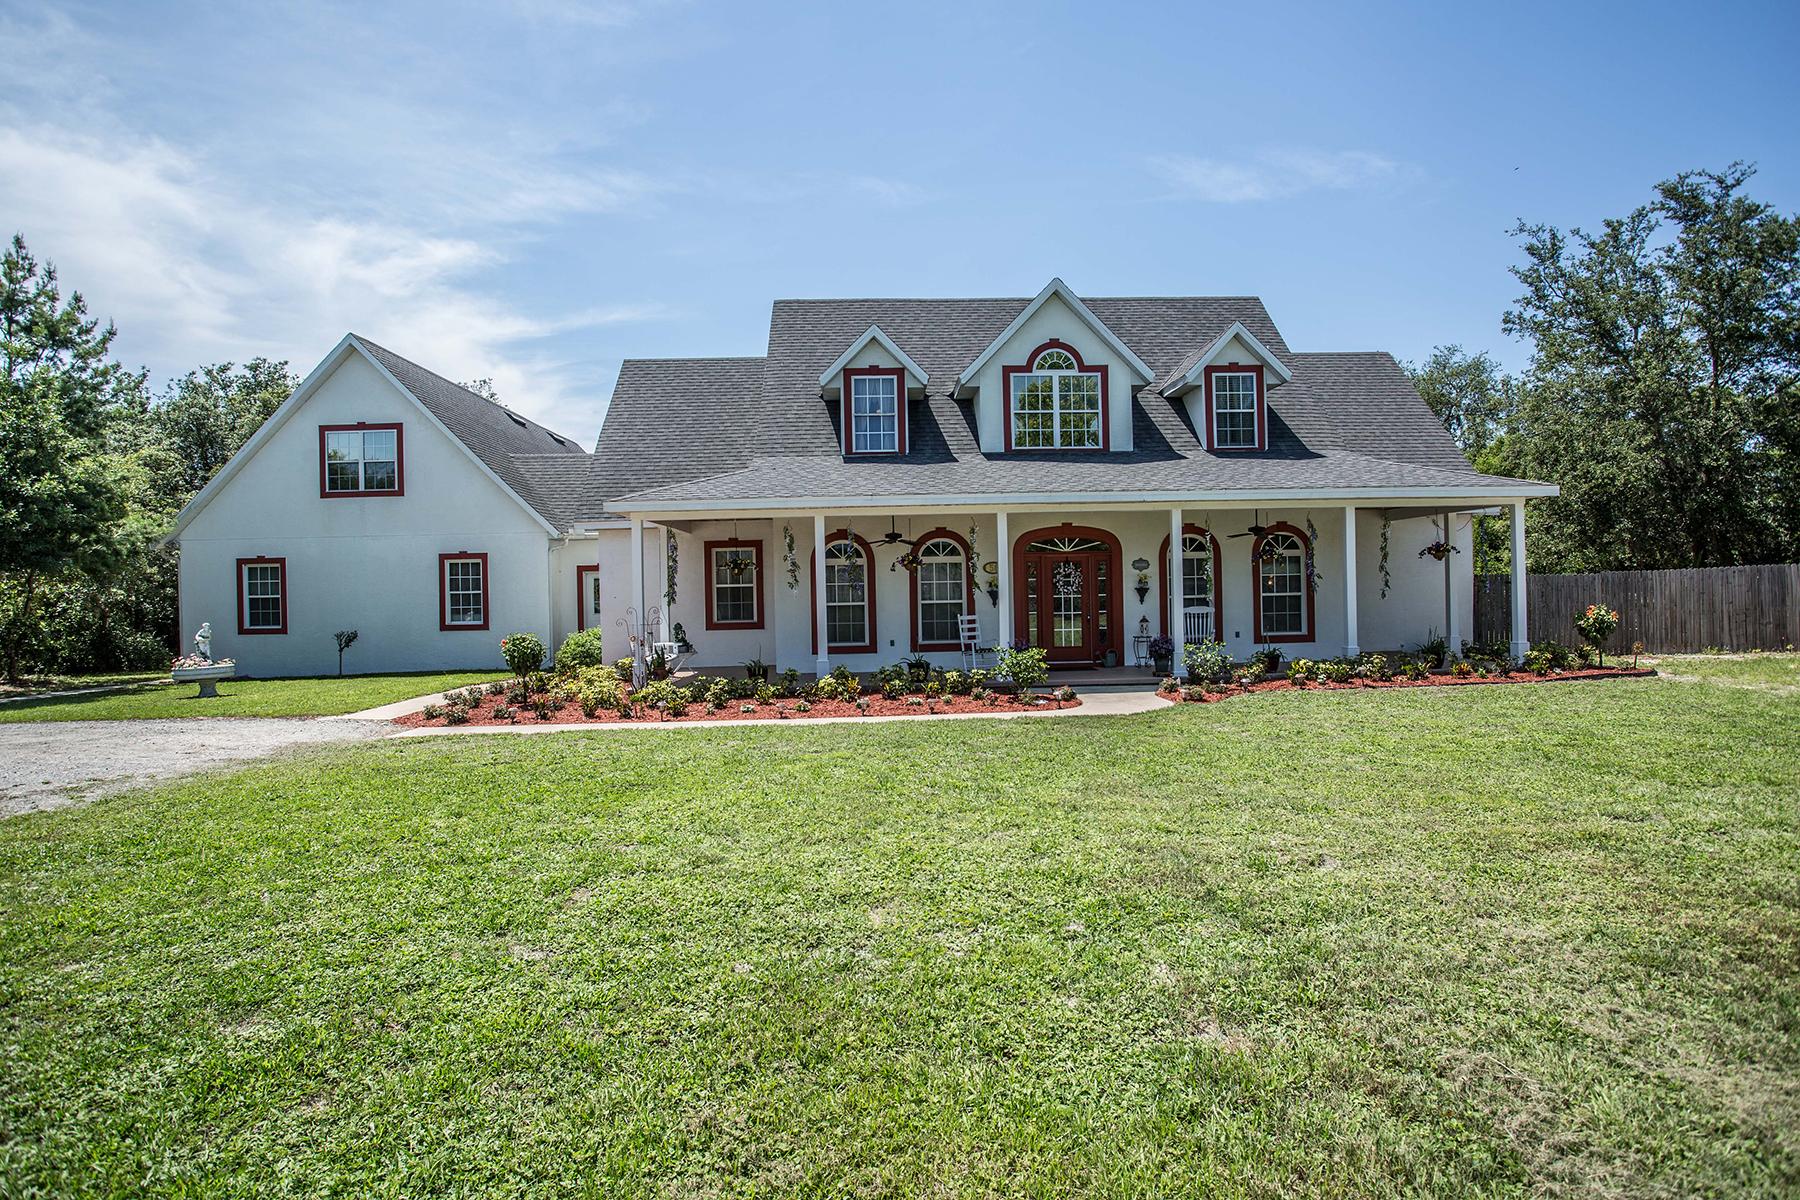 단독 가정 주택 용 매매 에 DELTONA,FLORIDA 58 Courtland Blvd Deltona, 플로리다, 32738 미국